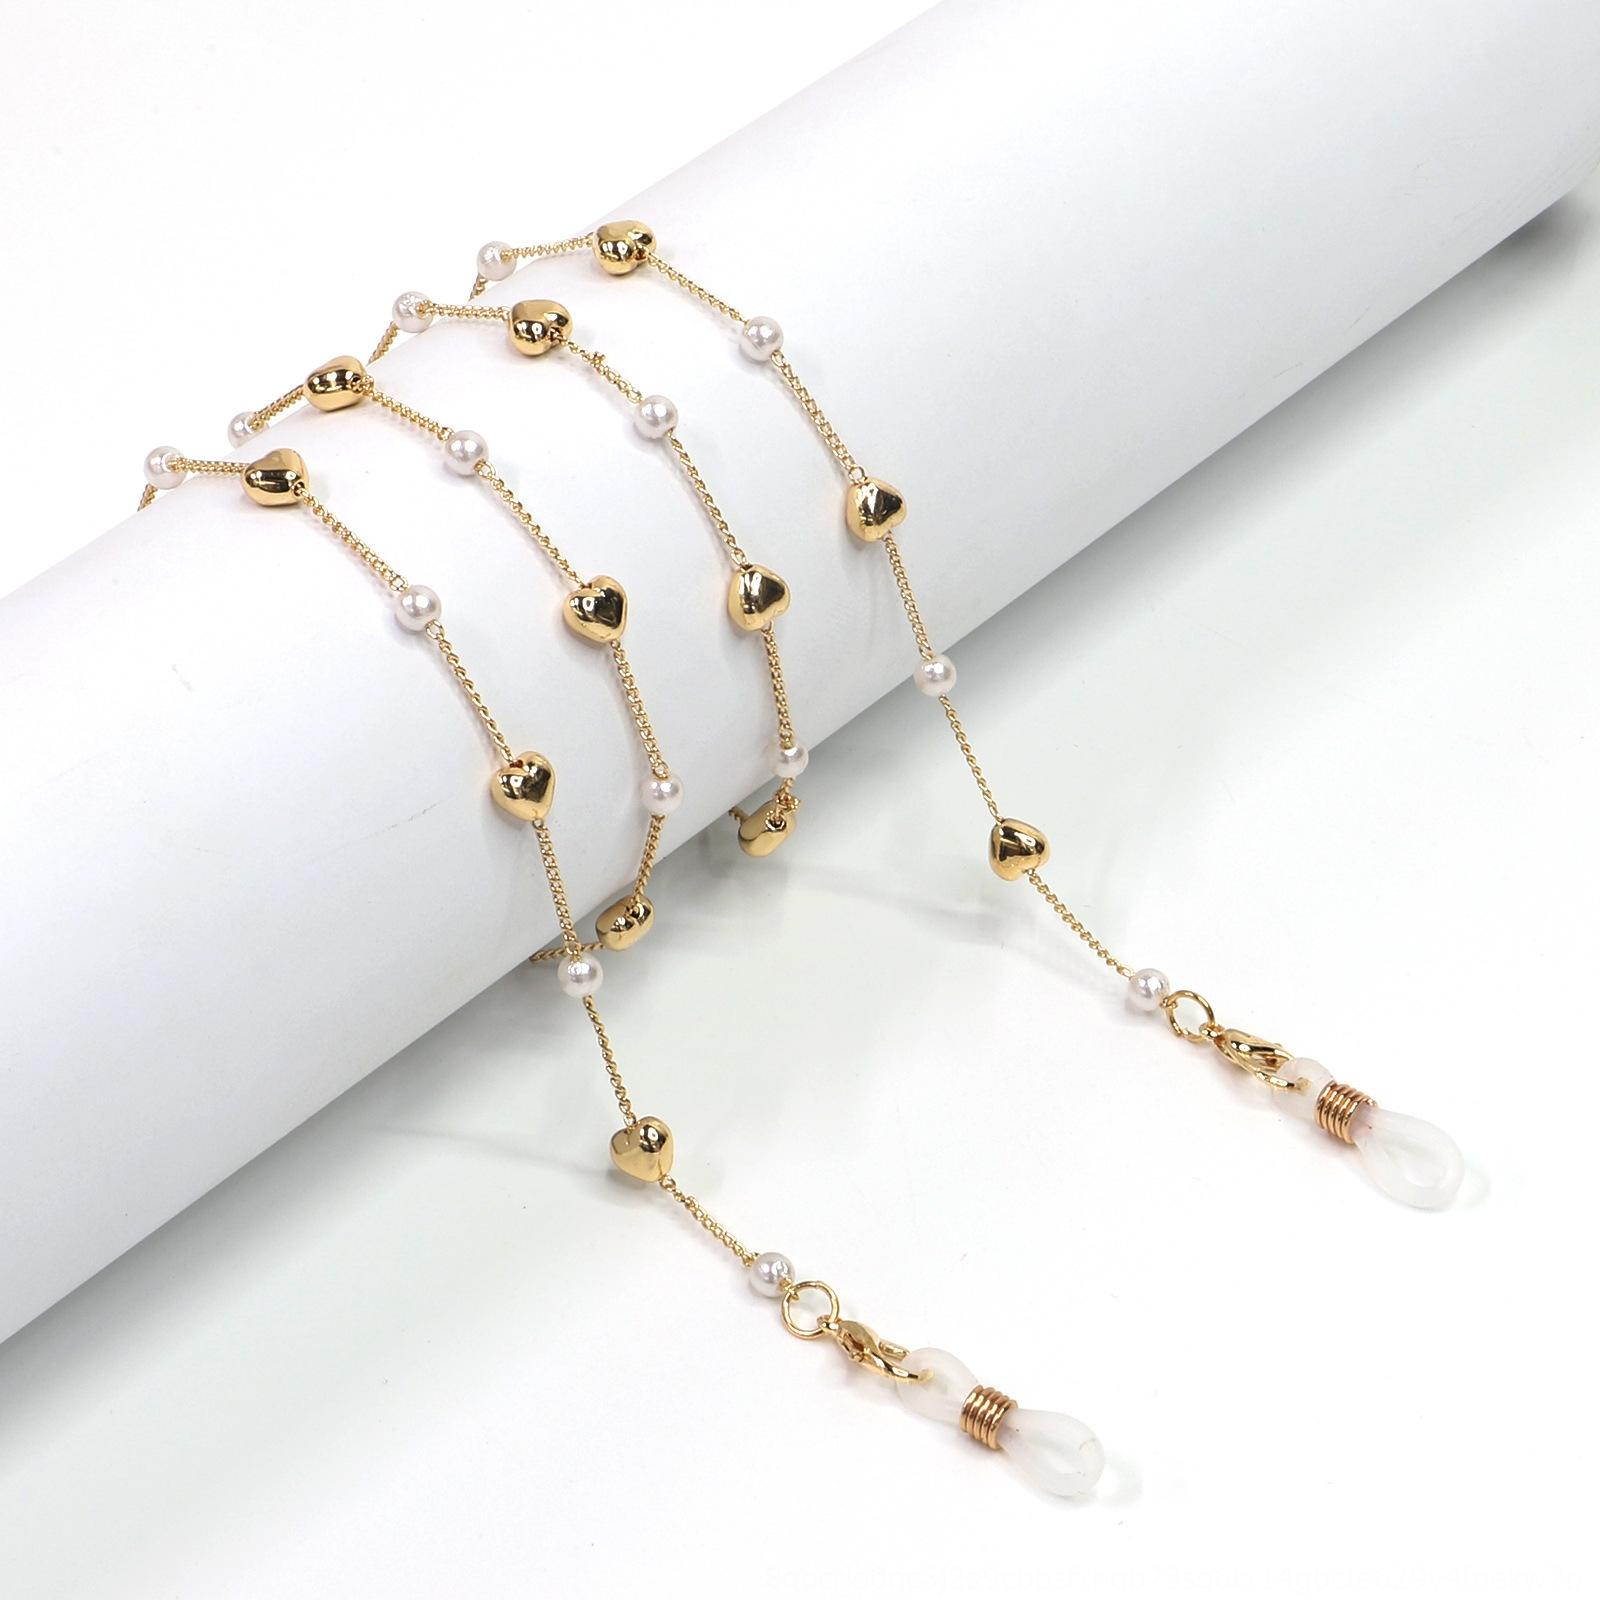 gfjIh Espelho amo moda simples quente de ouro pérola coração corda Pérola óculos óculos cadeia máscara cadeia